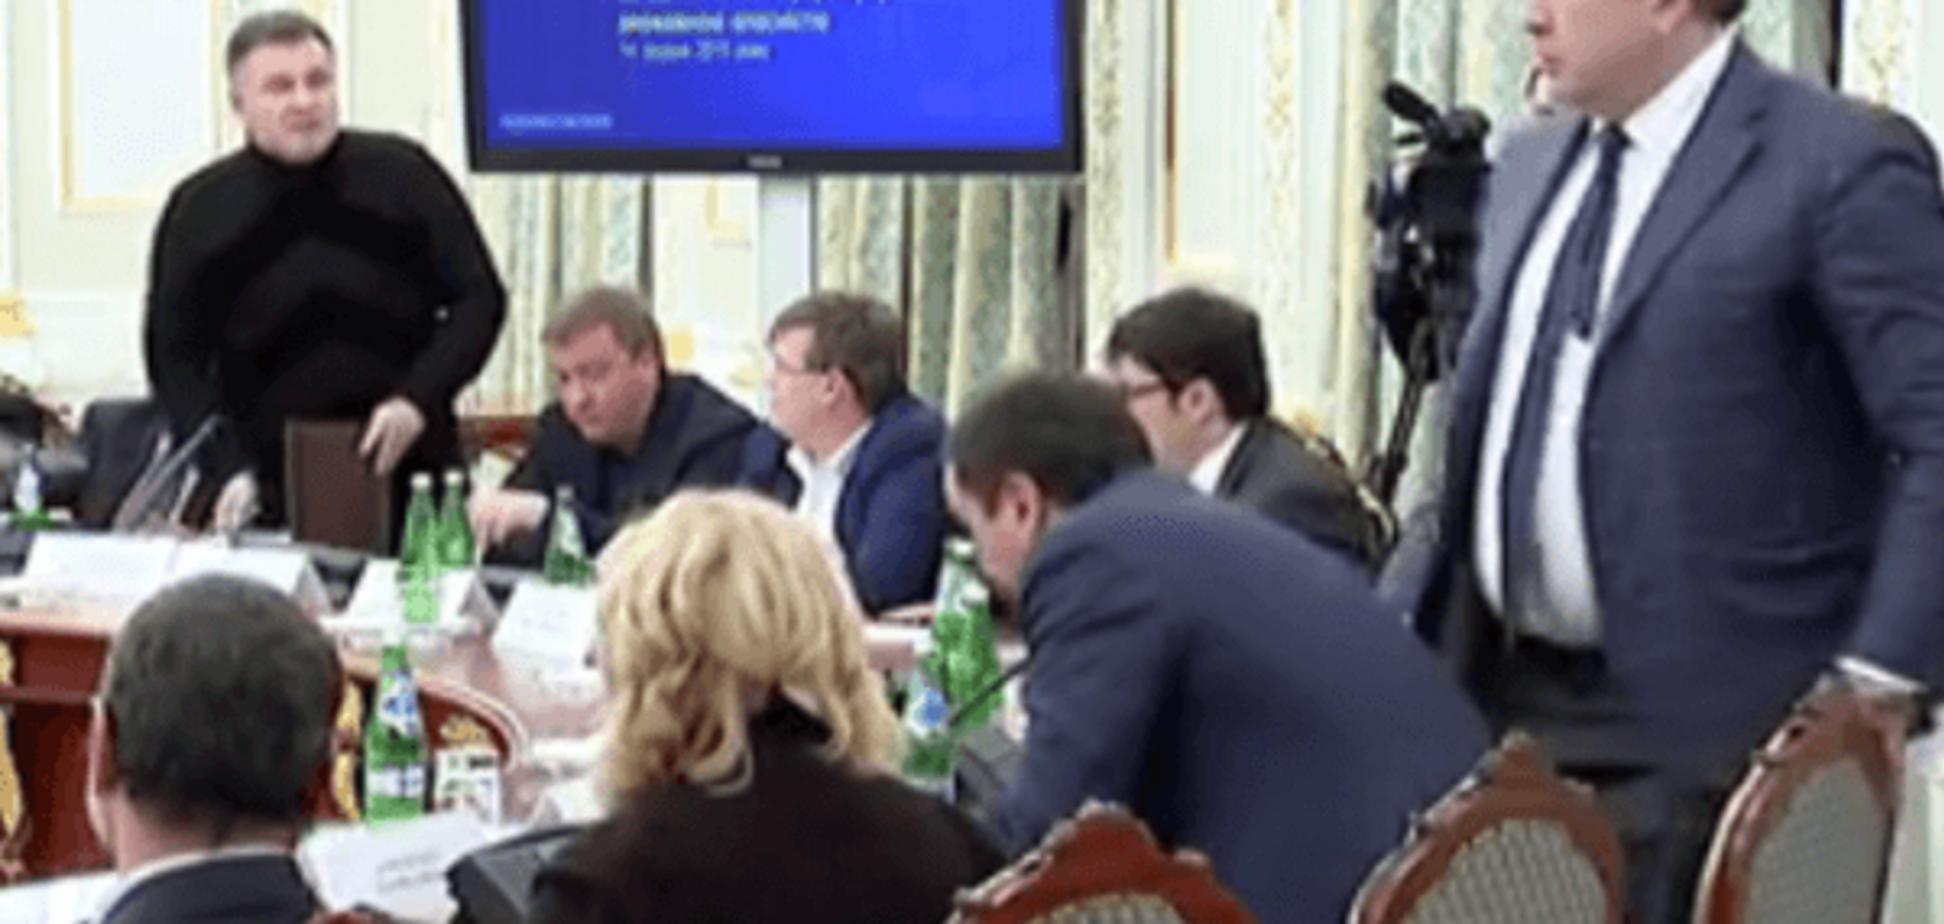 Аваков опубликовал видео перепалки с Саакашвили на Совете реформ